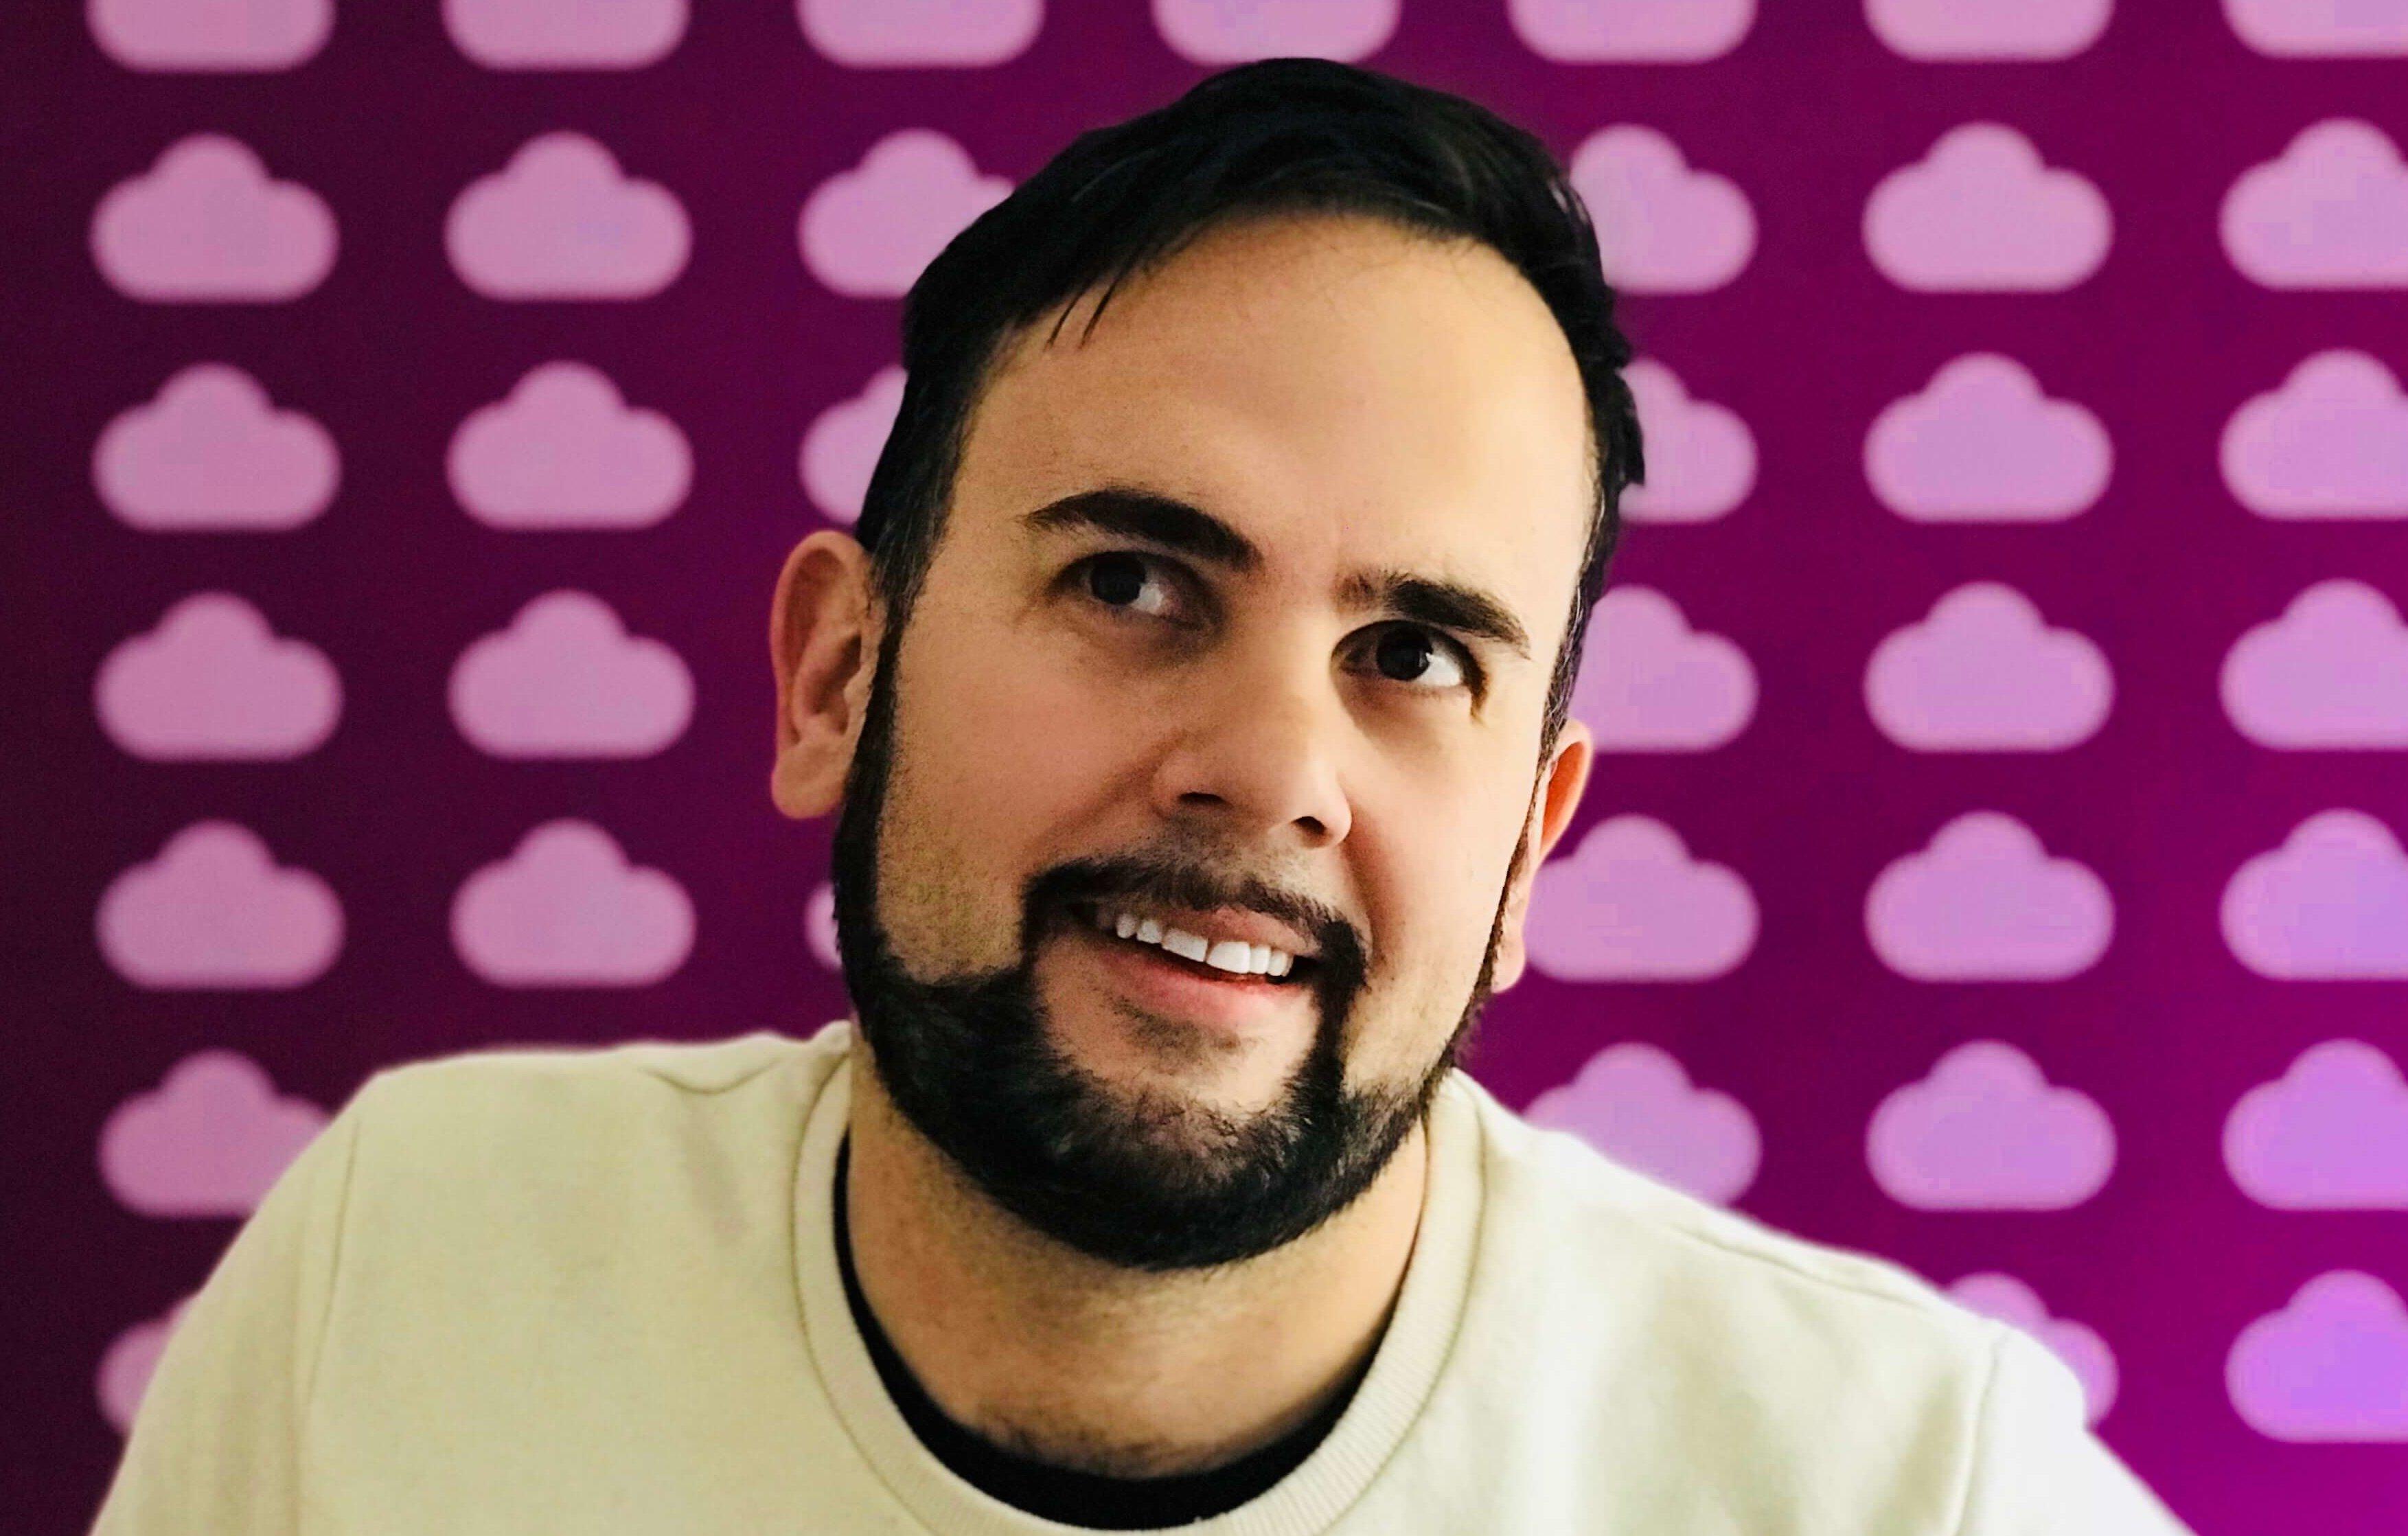 Eduardo Salado